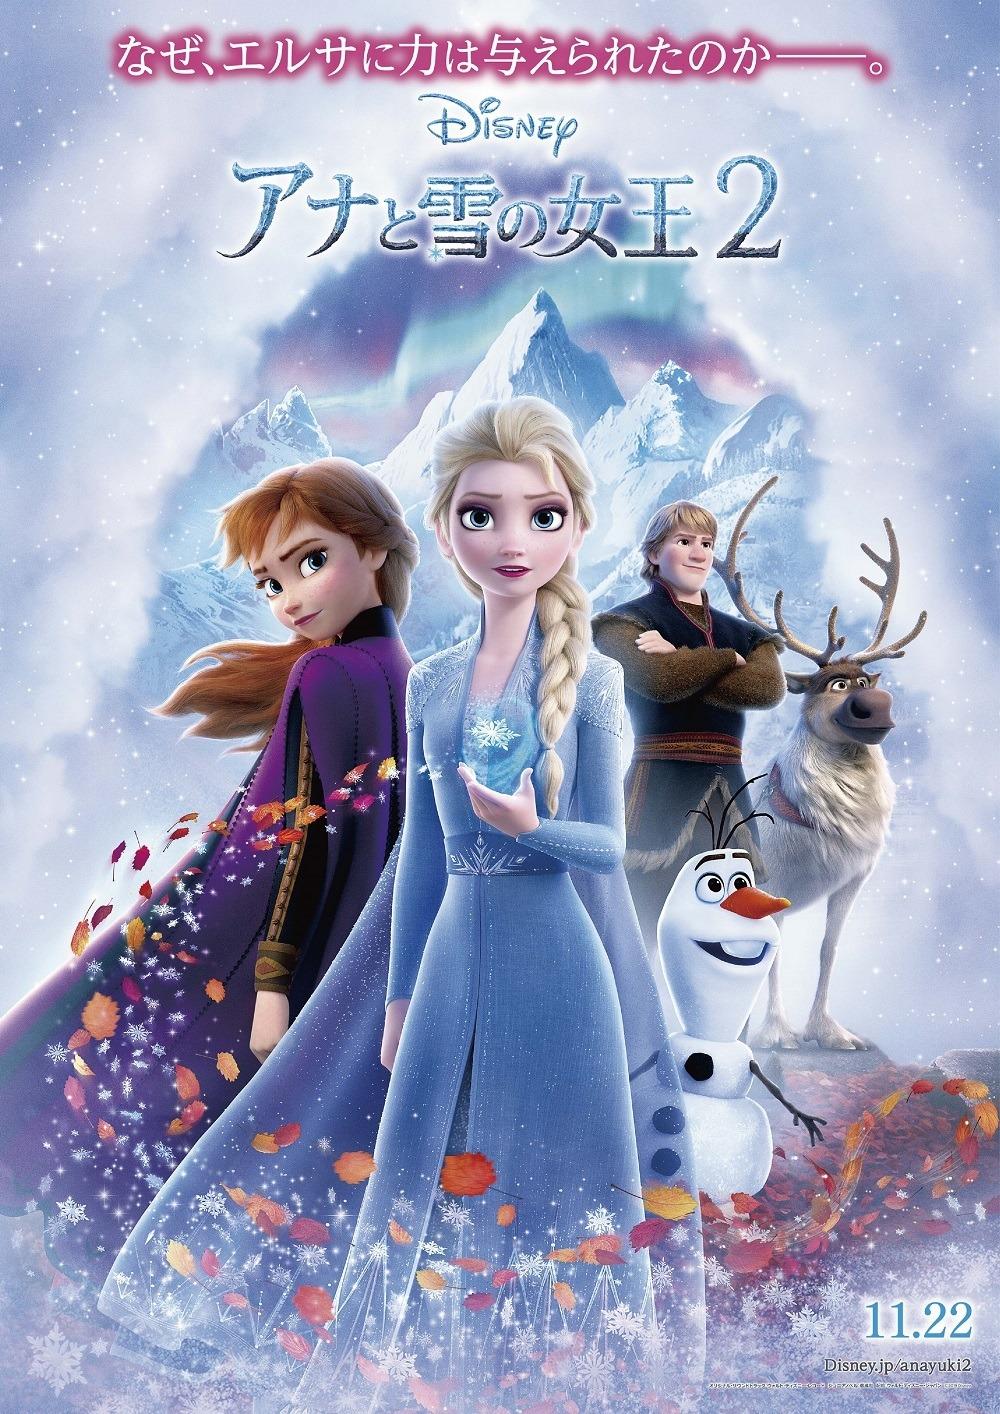 エルサアナに雪の結晶と落ち葉が舞うアナ雪2日本